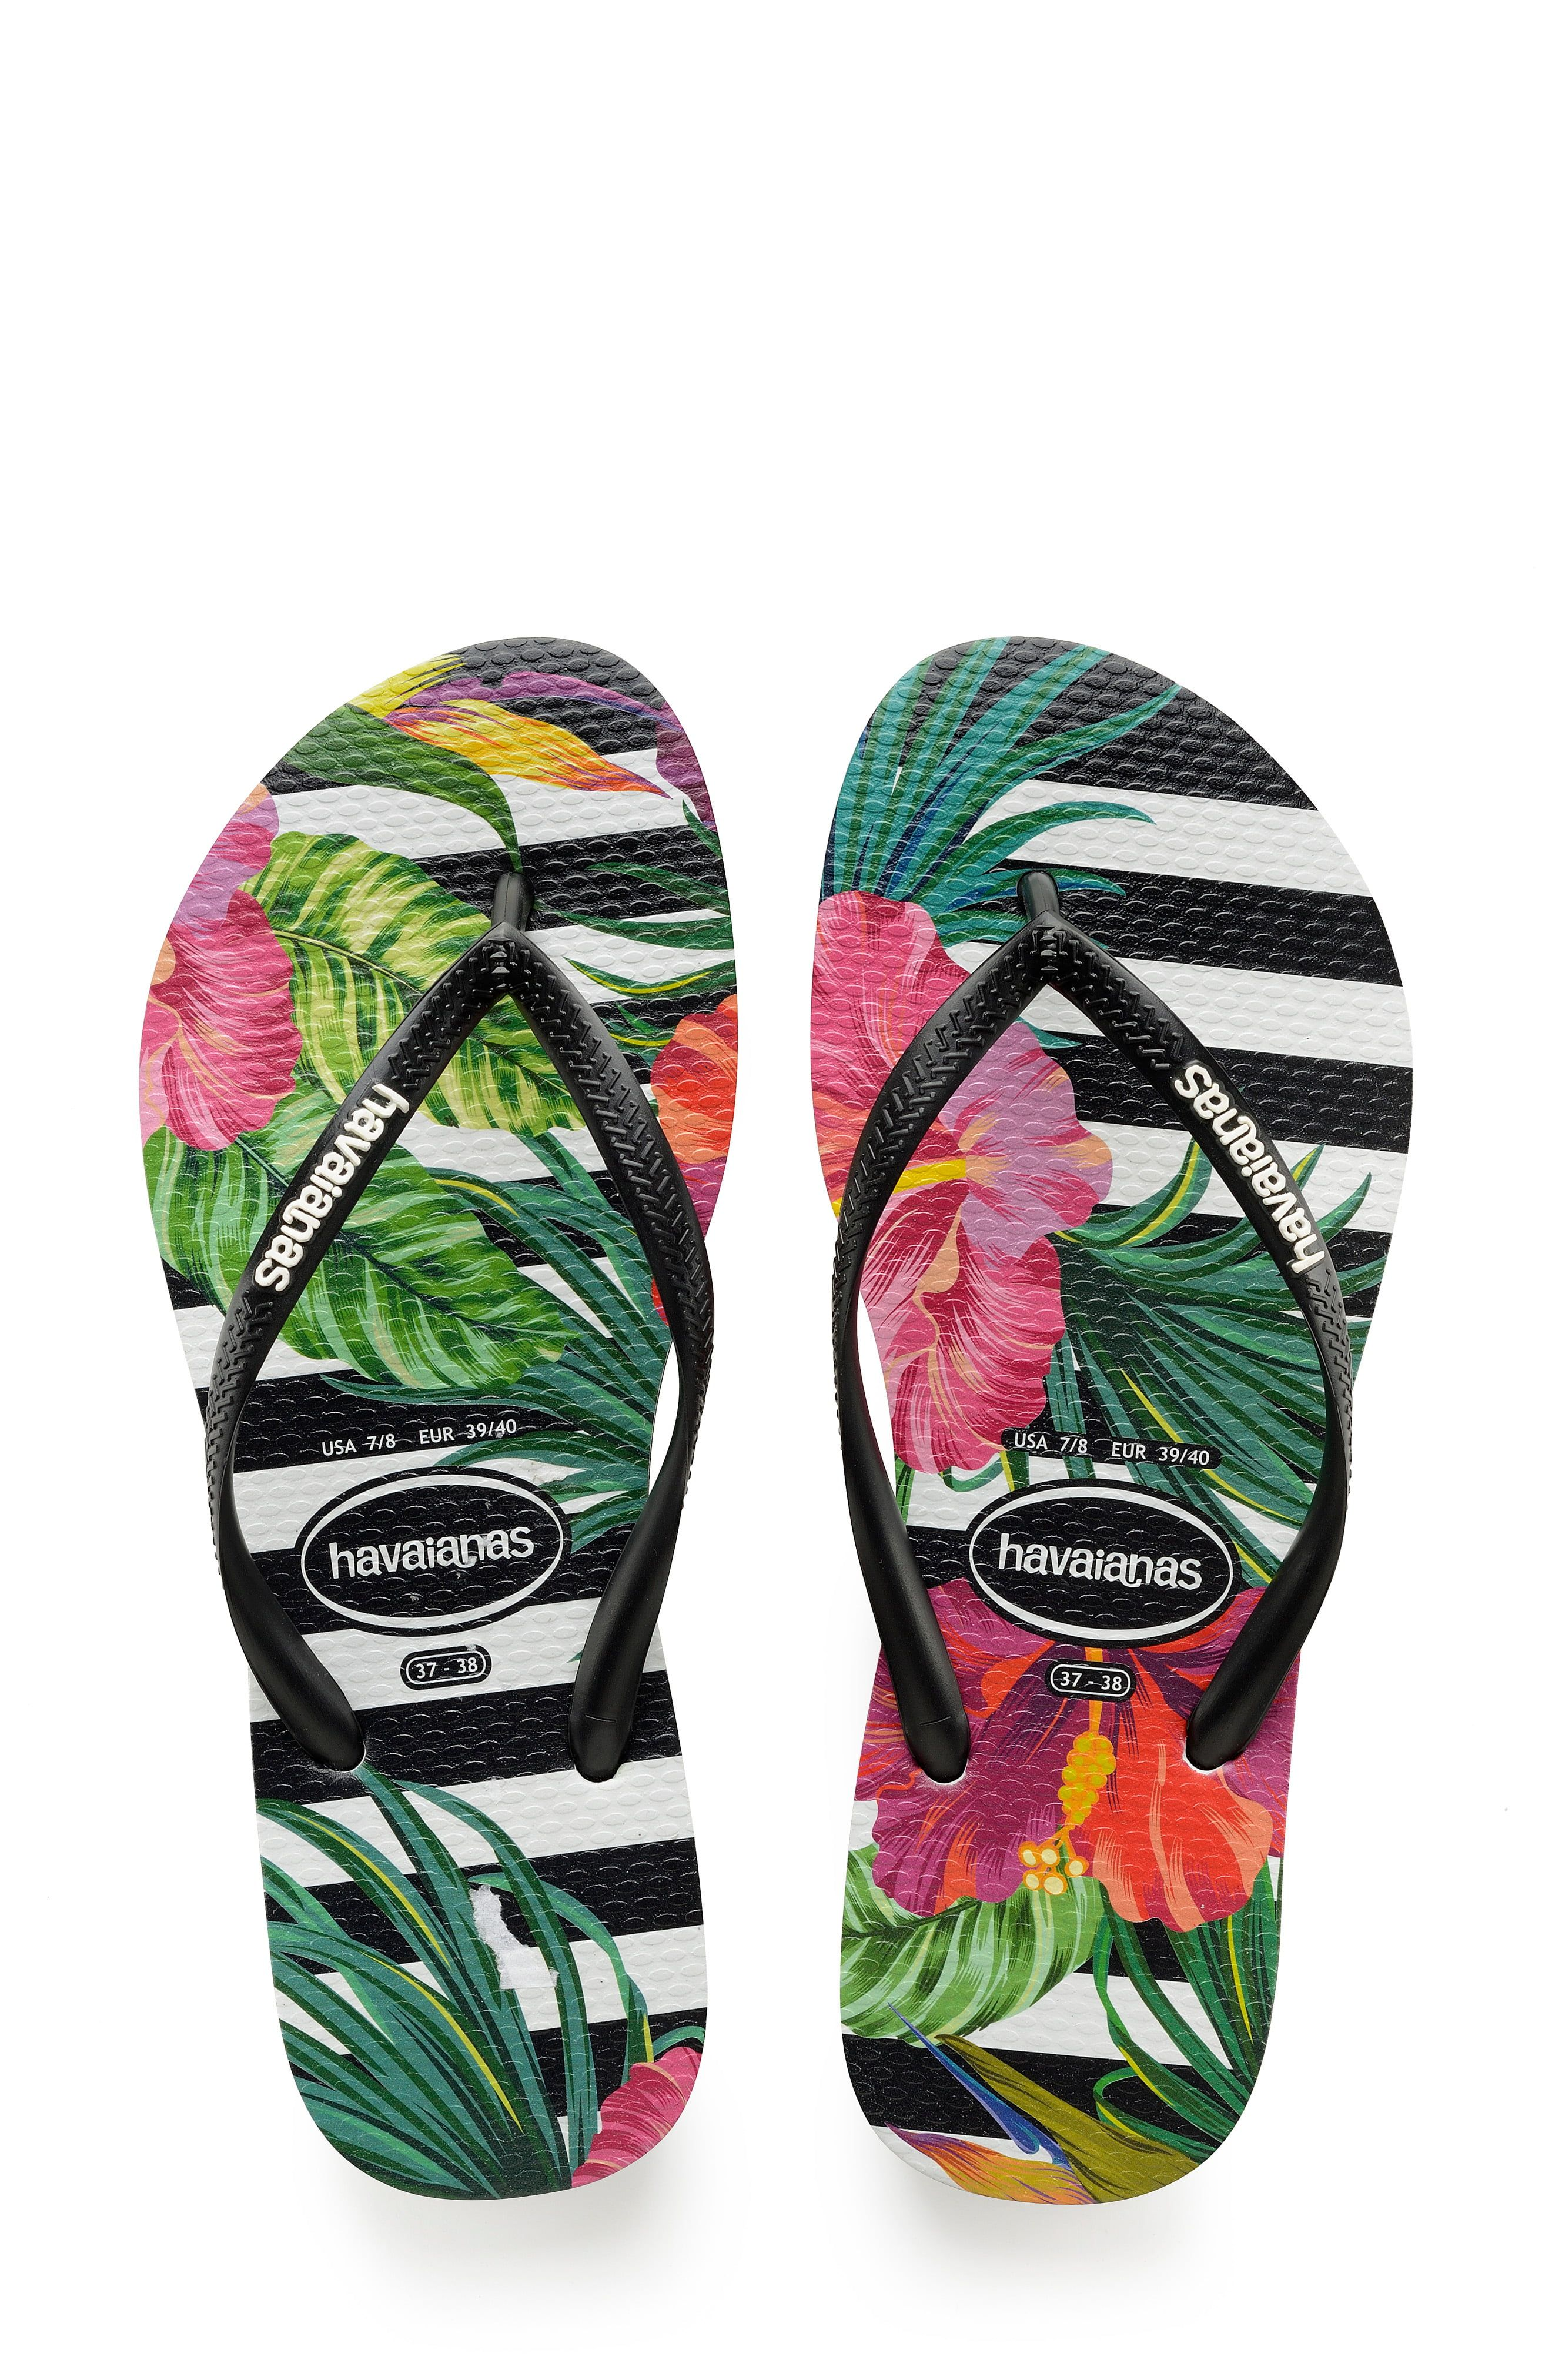 factory authentic 196d1 b0e78 Women's Havaianas Slim Tropical Floral Flip Flop, Size 41/42 ...